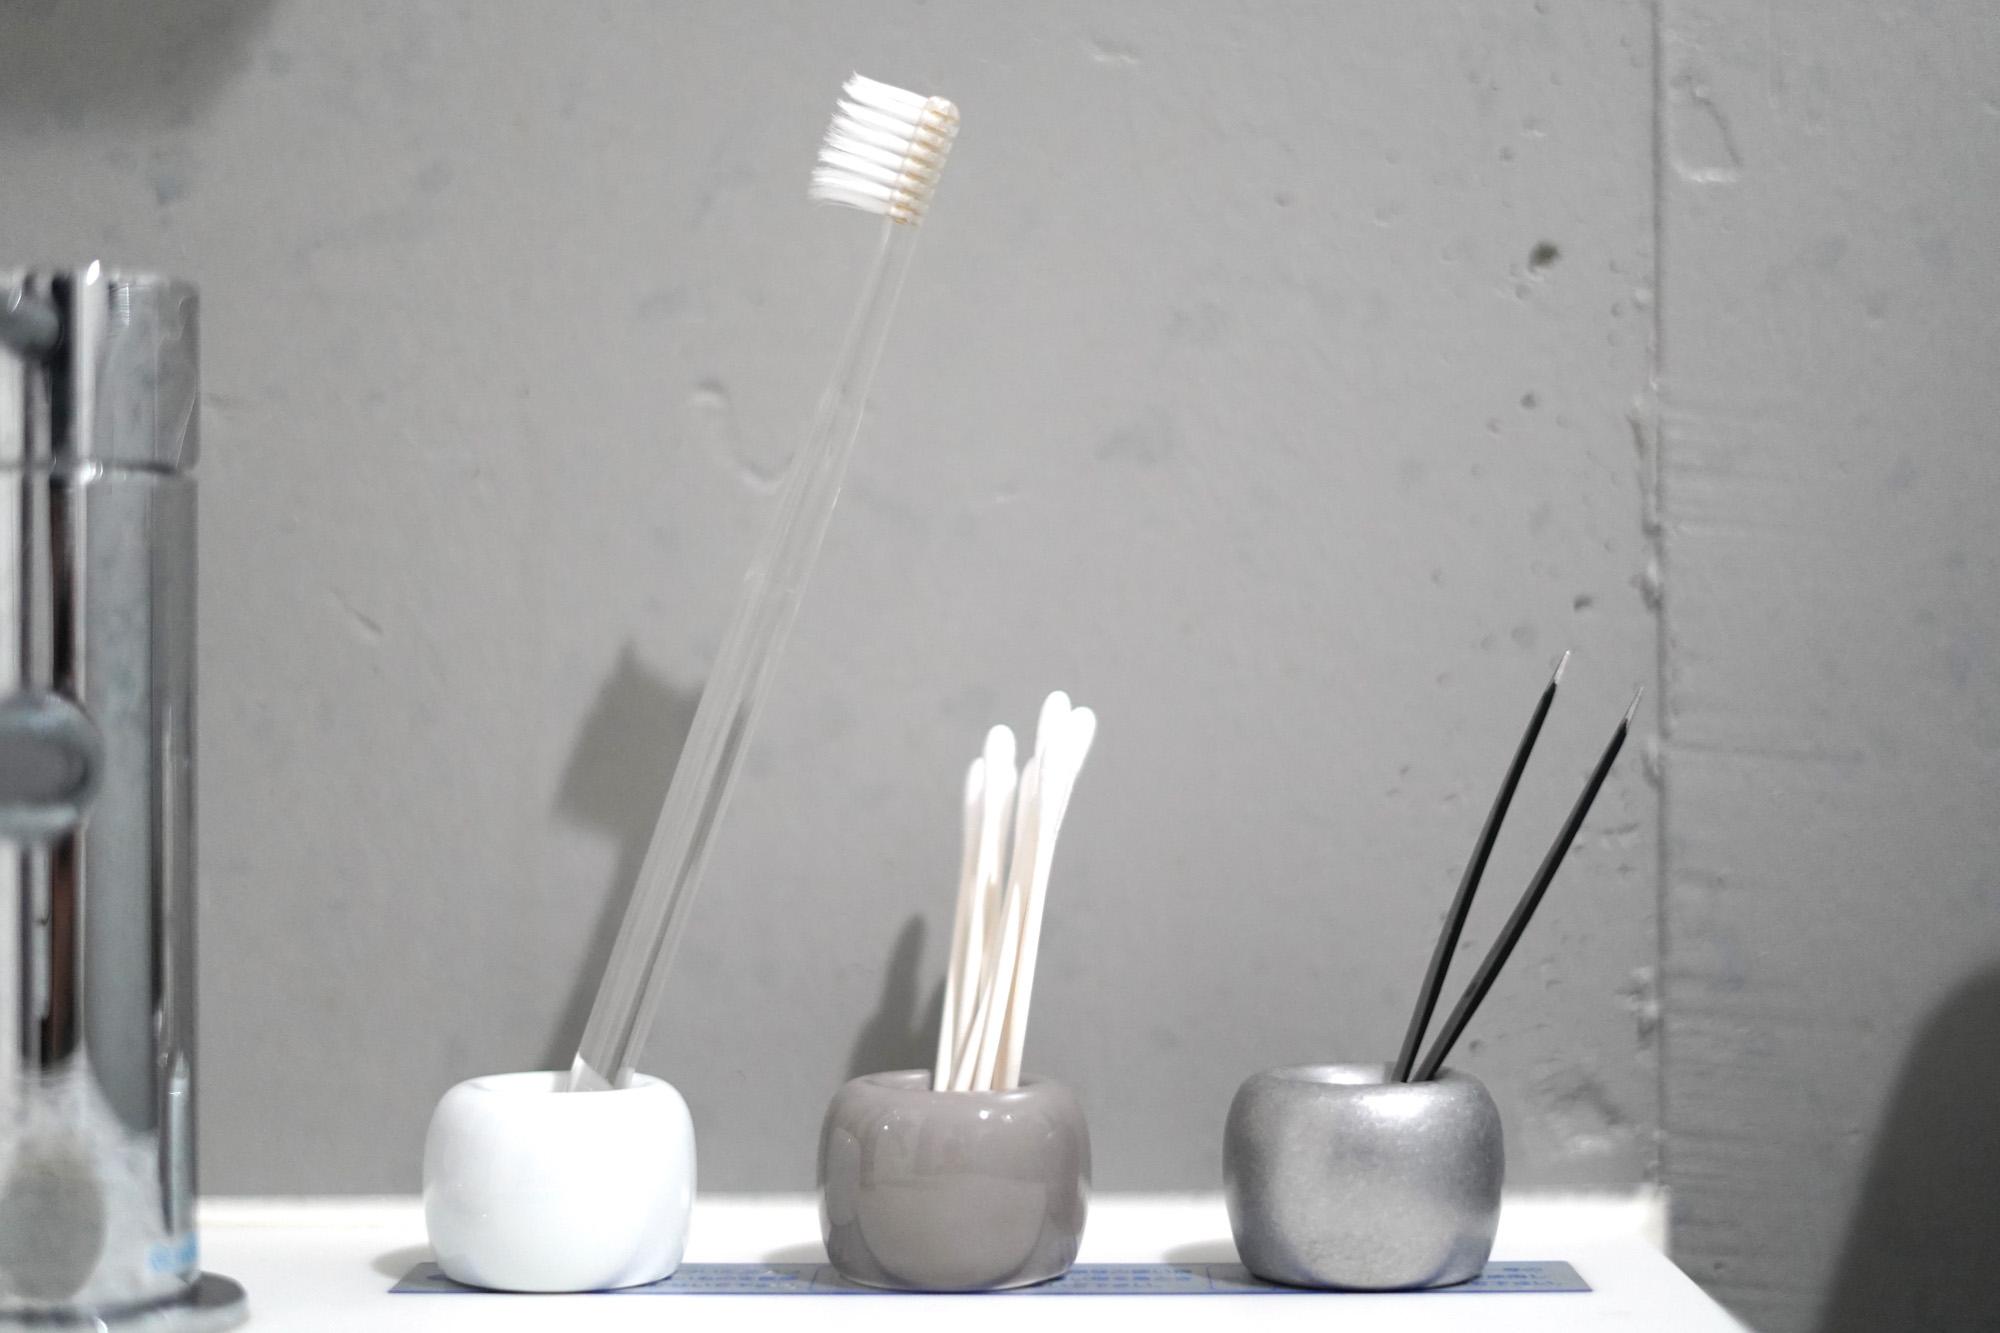 歯ブラシスタンドなどの収納もない3点ユニットバス。無印良品の磁器歯ブラシスタンドは、極力シンプルに、洗面台を整えたい人におすすめです。